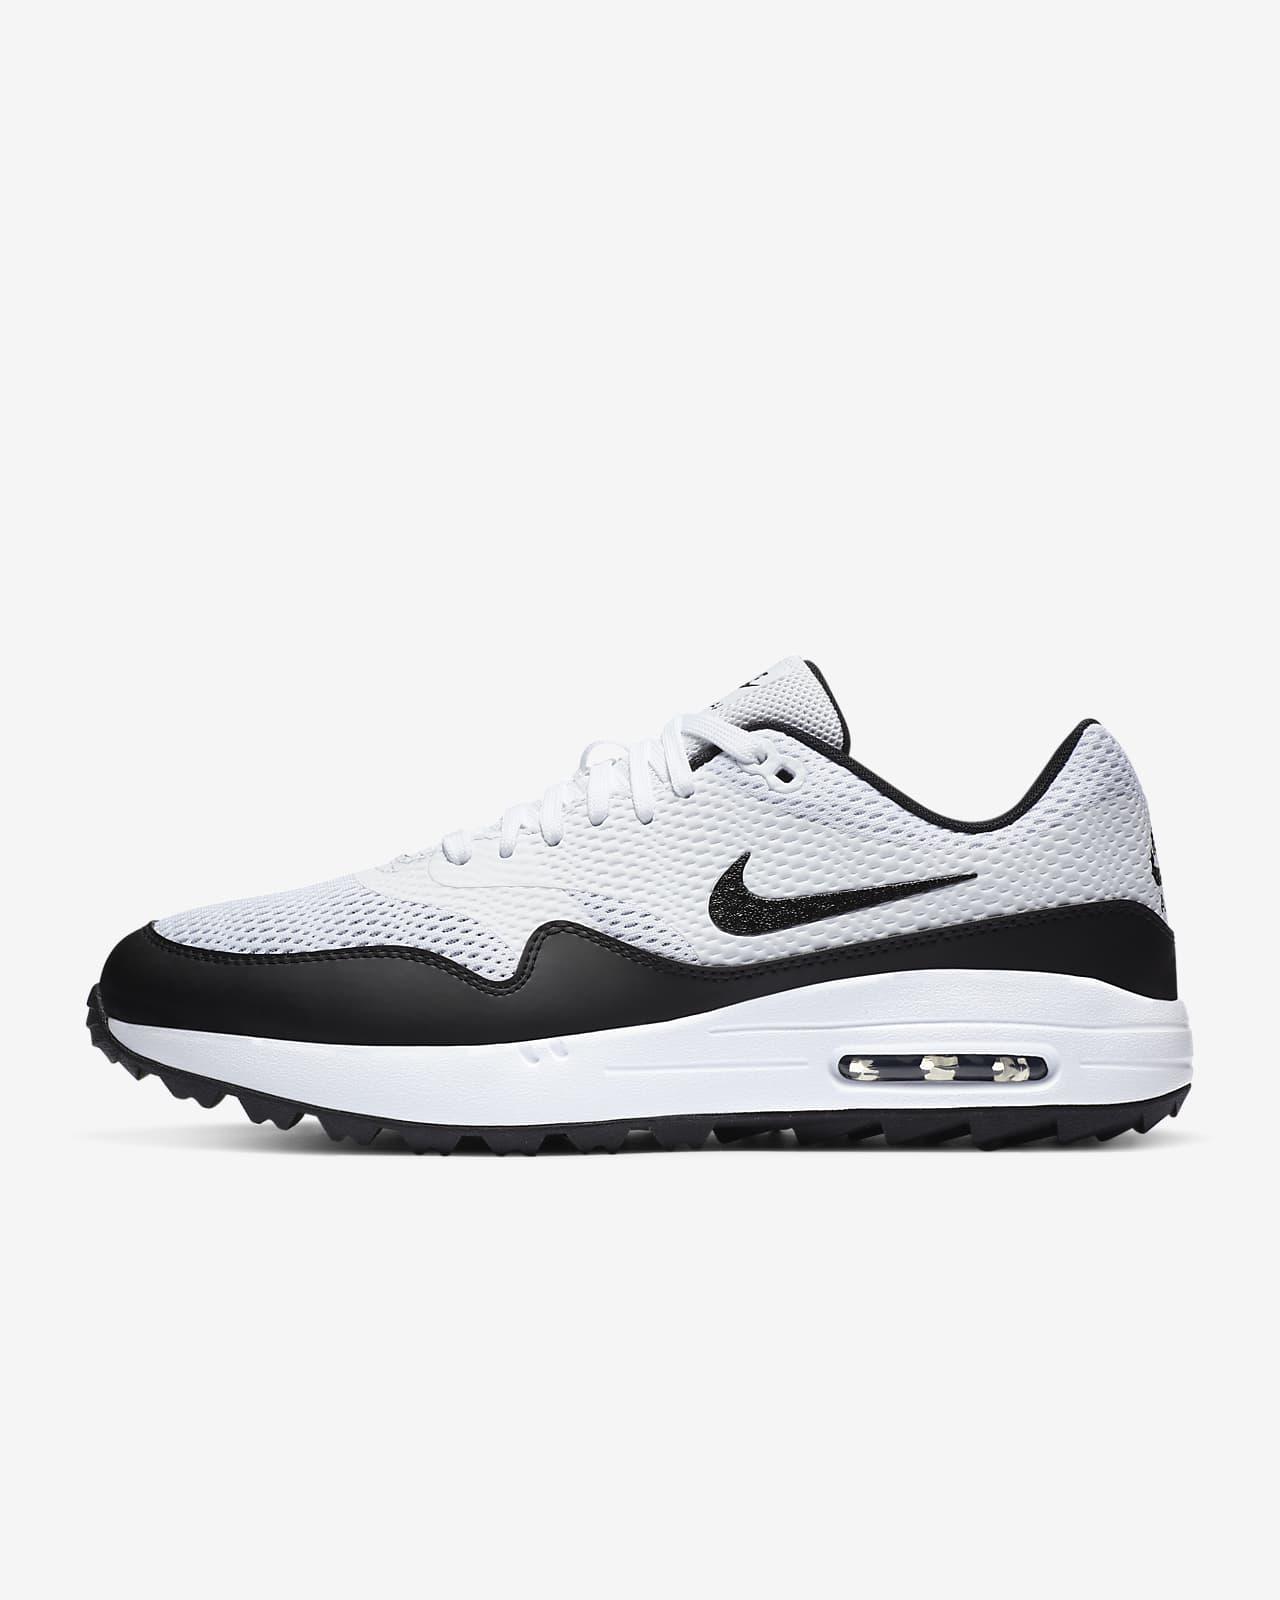 nike zapatos golf hombre